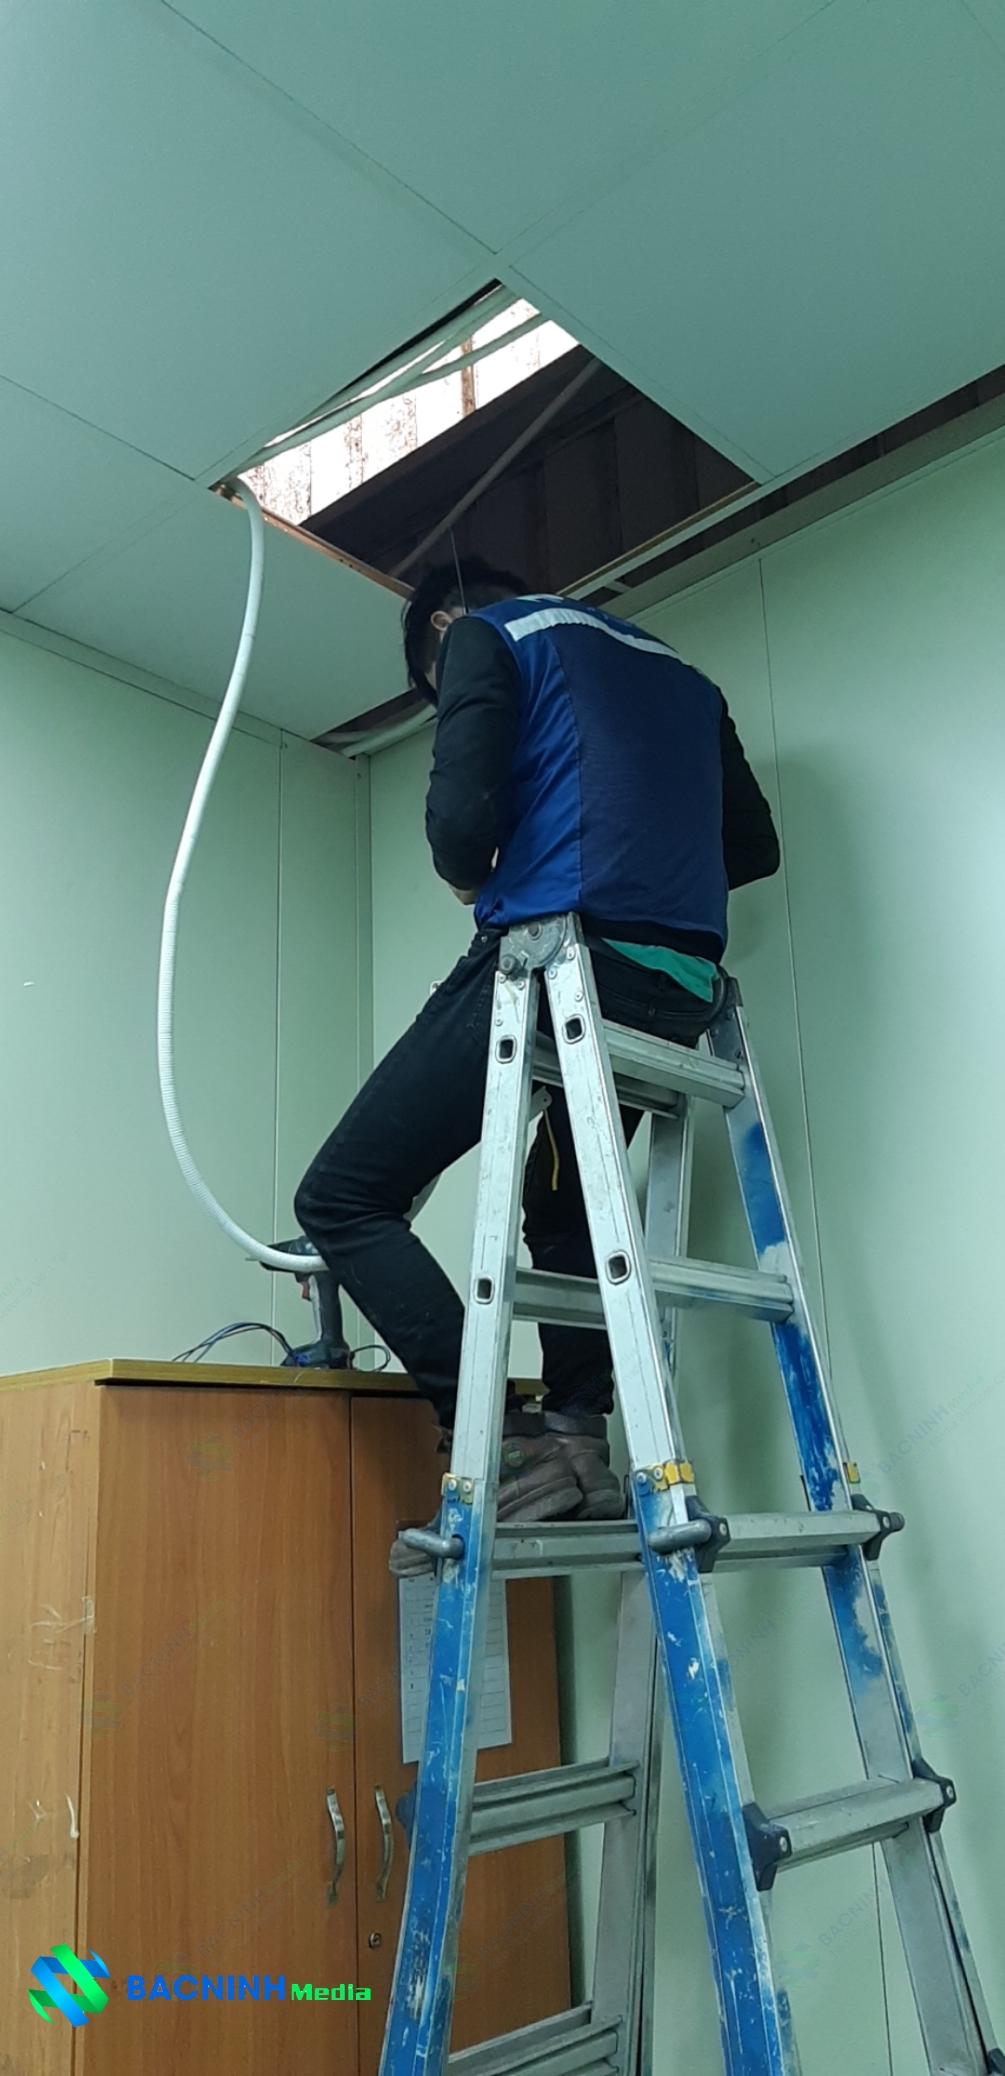 Thi công hệ thống mạng, hệ thống camera cho xưởng willtech